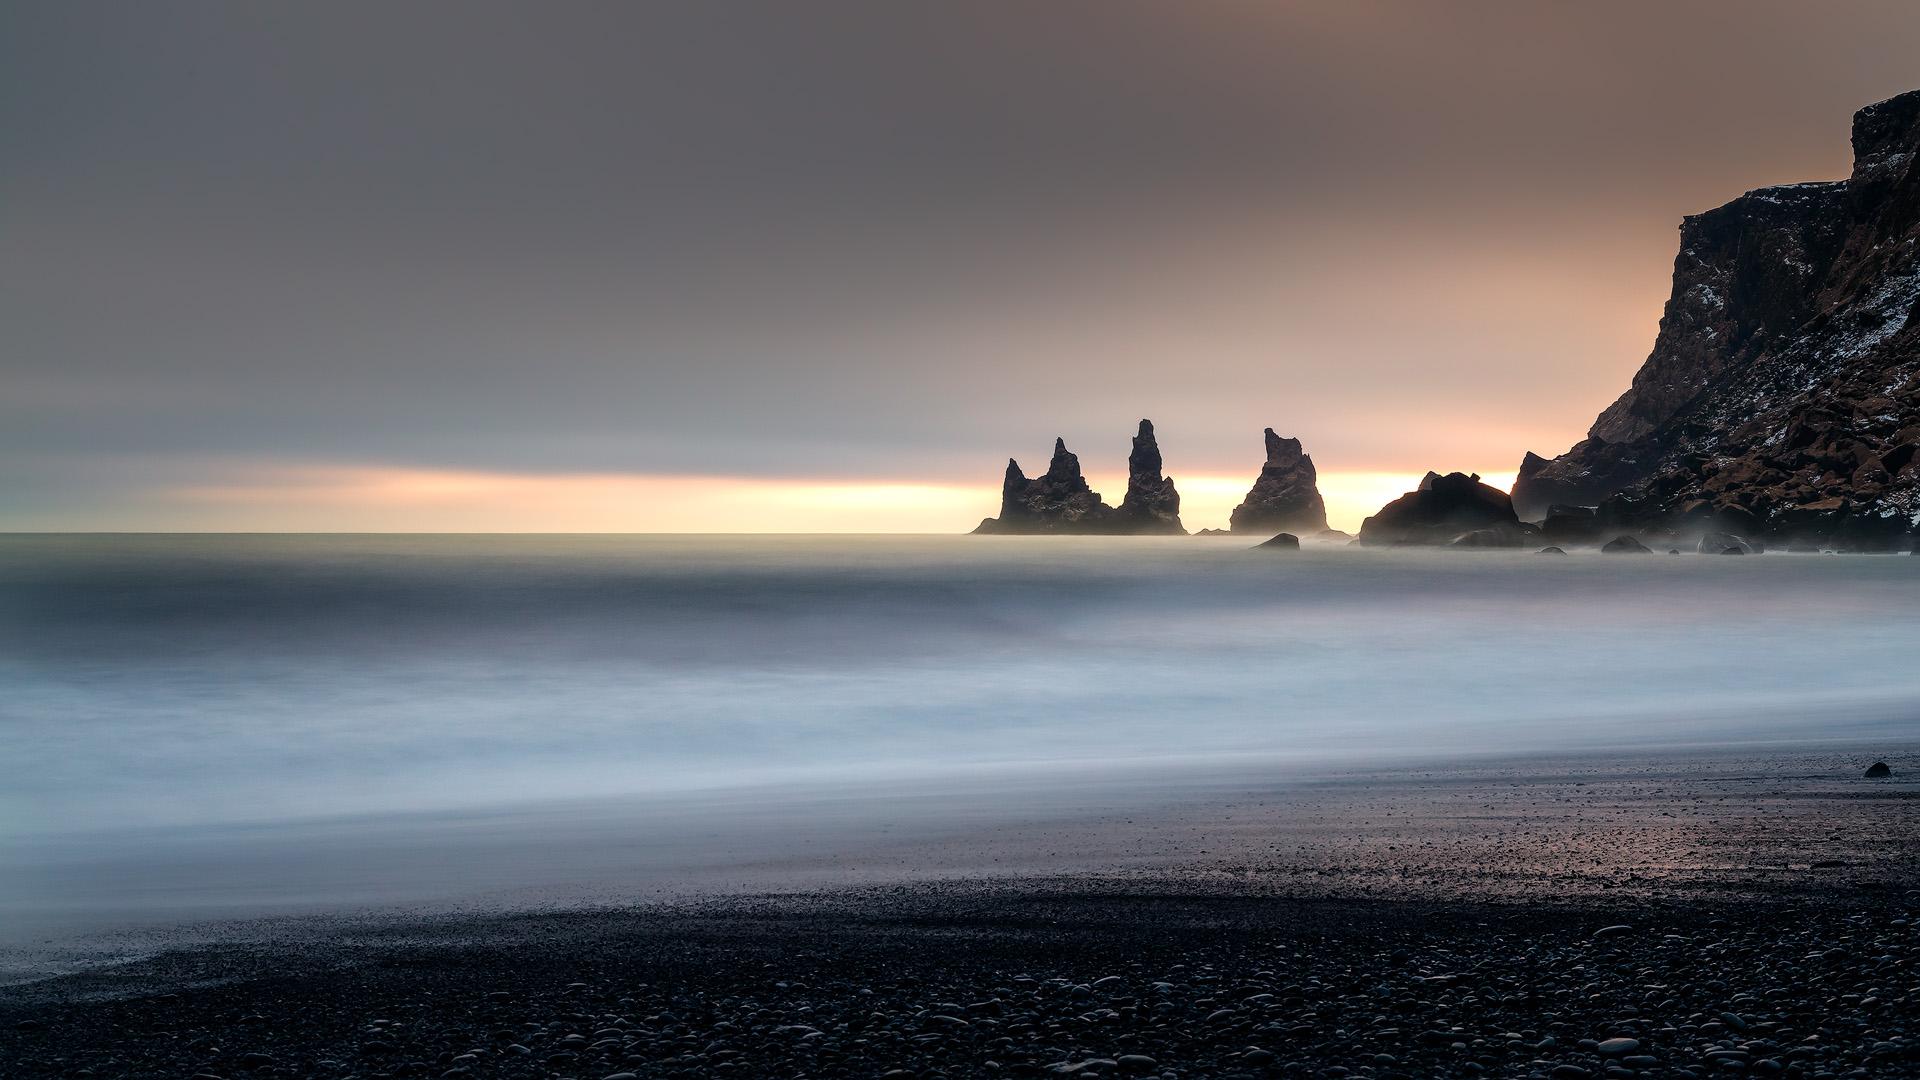 ijsland feb 2019-397 kopiëren.jpg